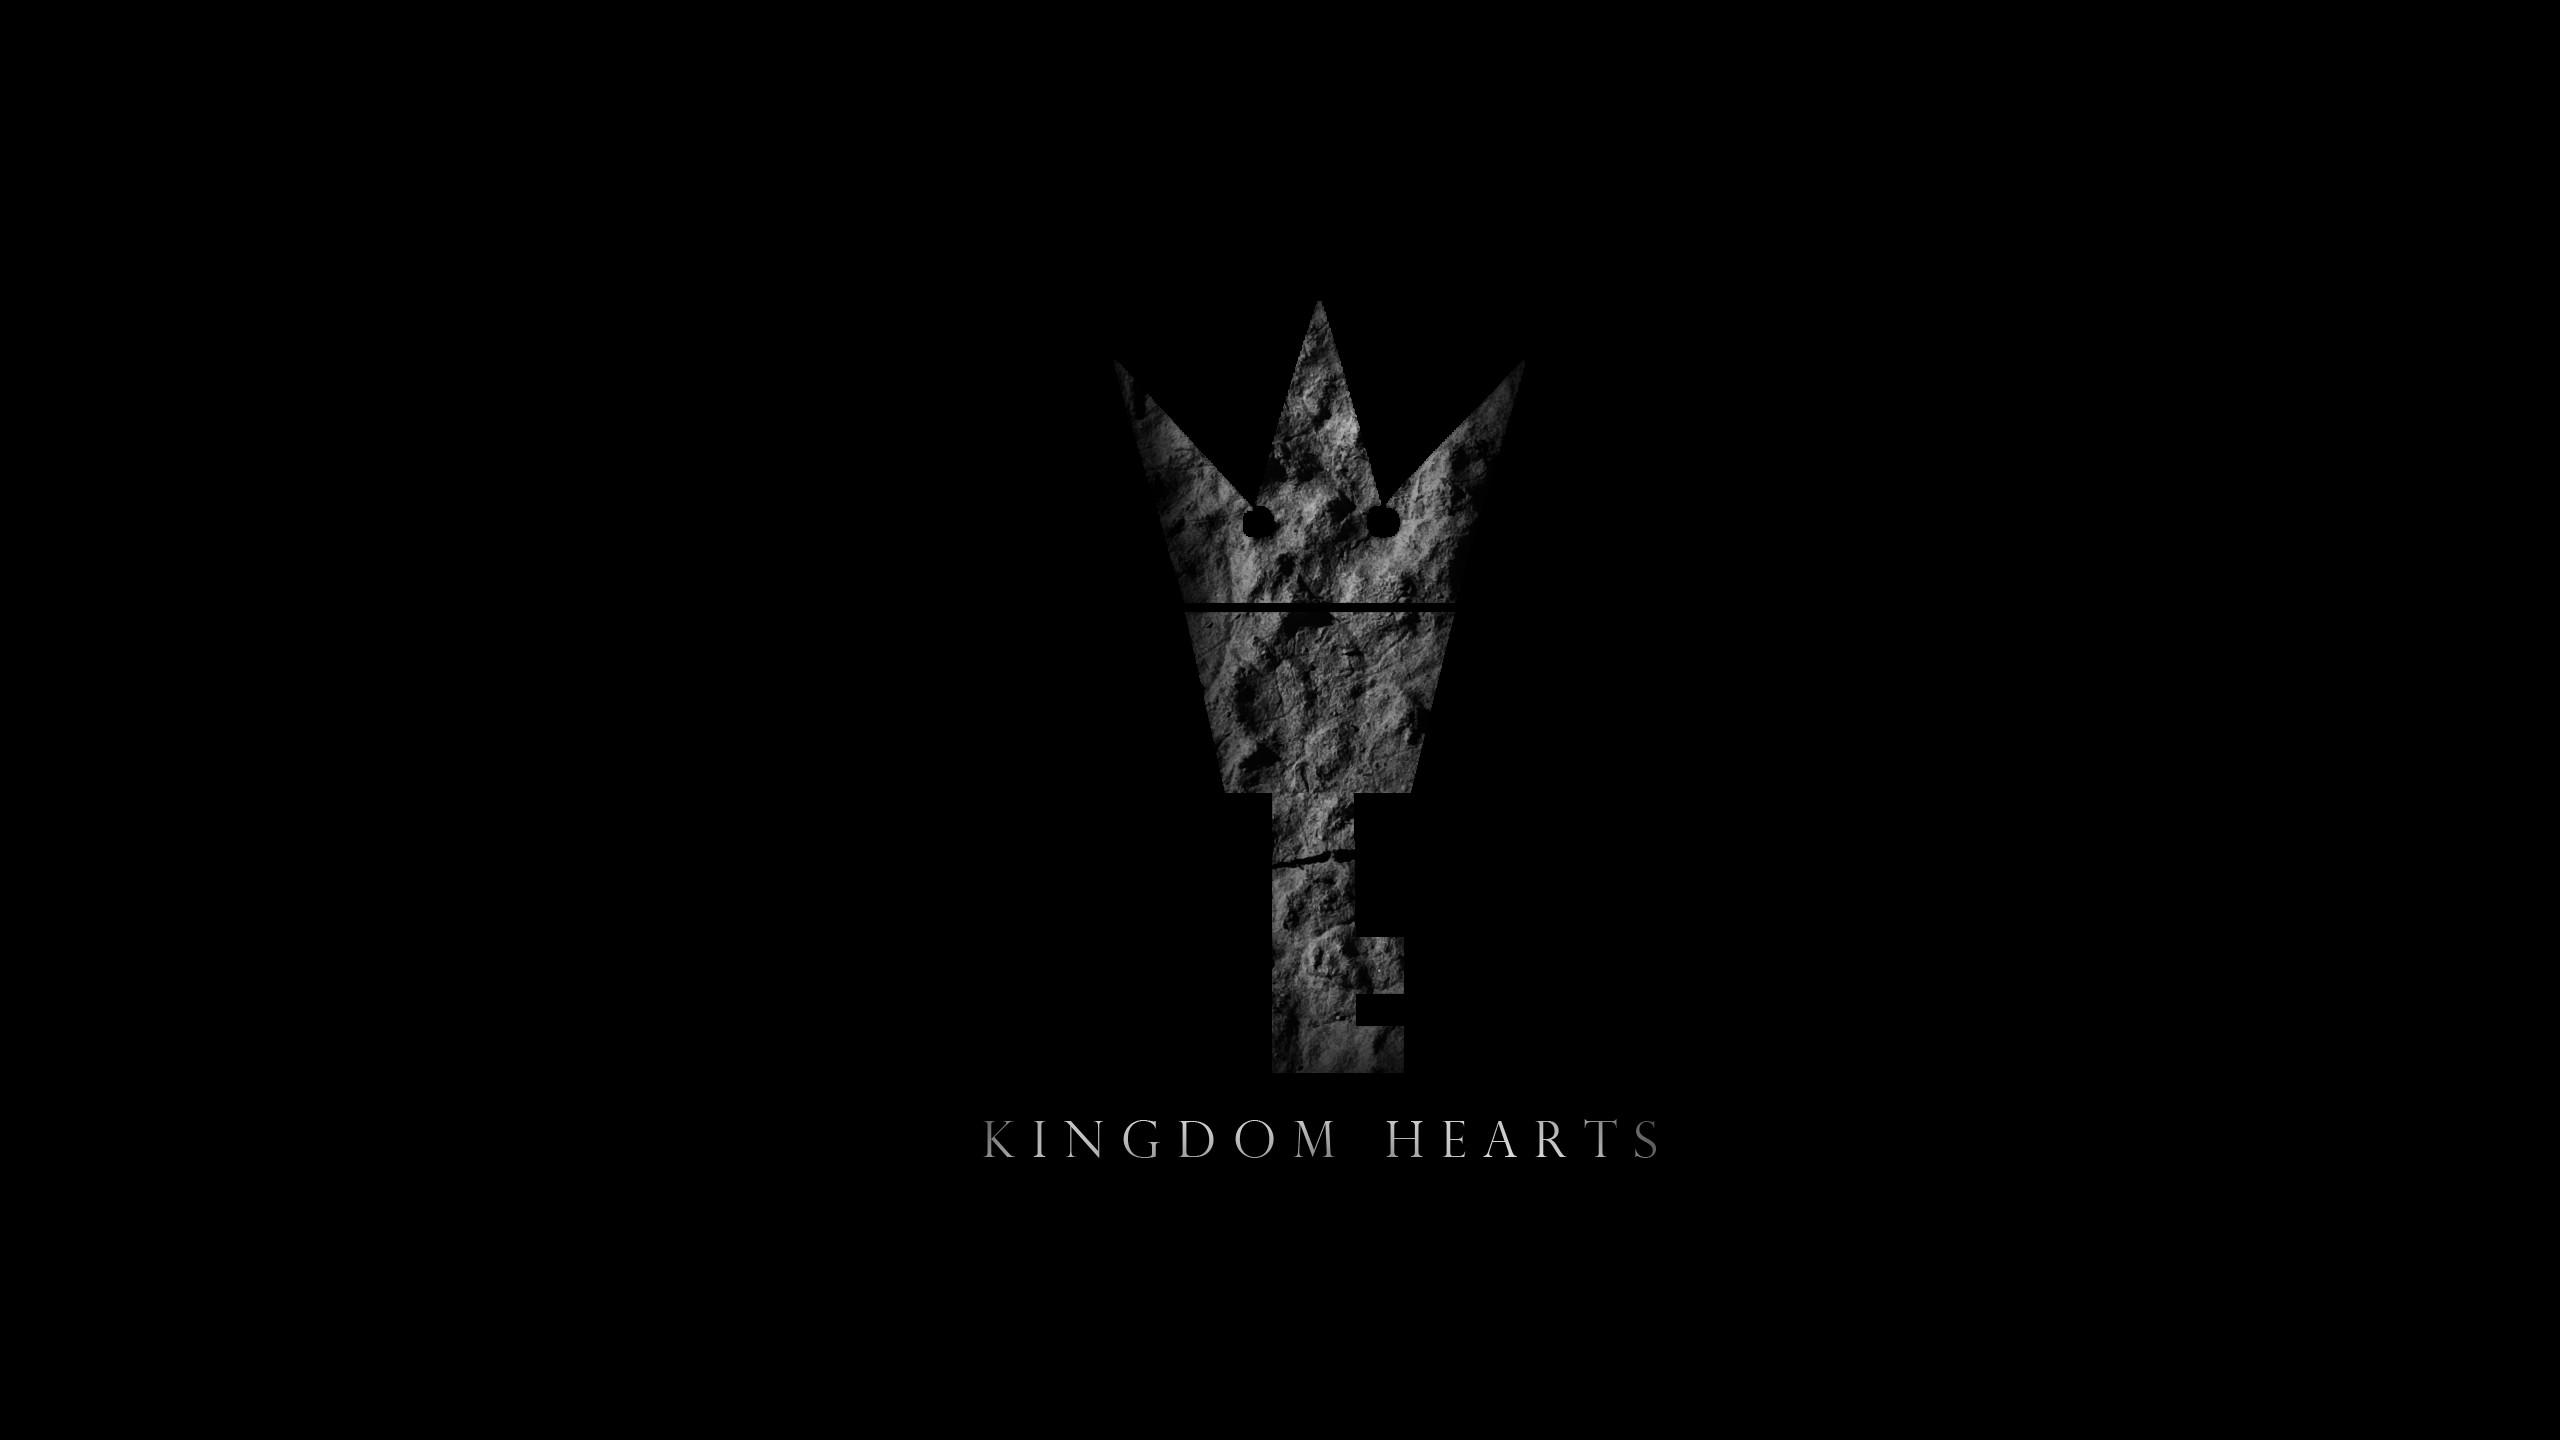 1920x1080 Kingdom Hearts Heartless Symbol